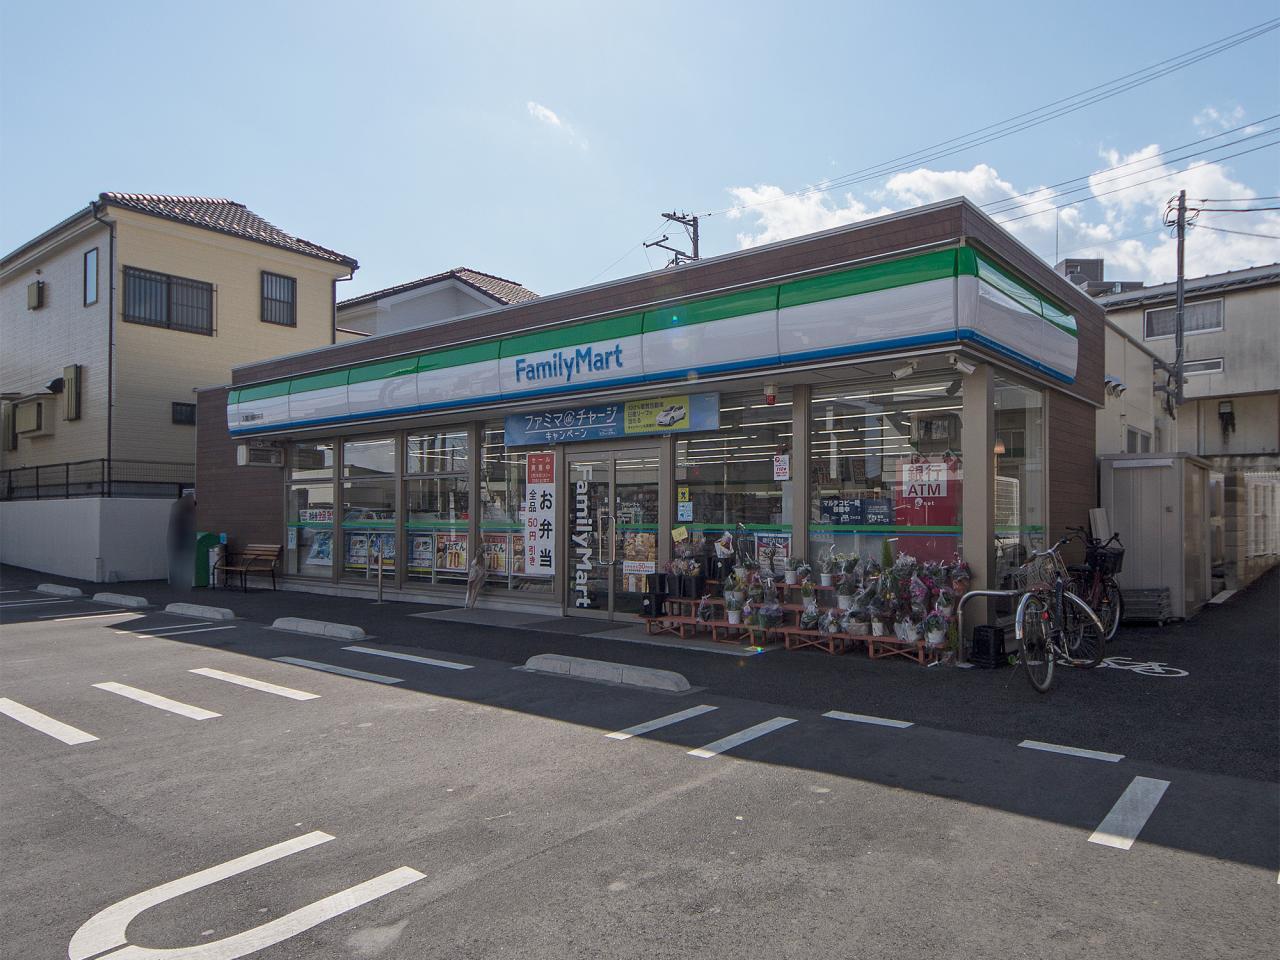 ファミリーマート 入間川病院前店